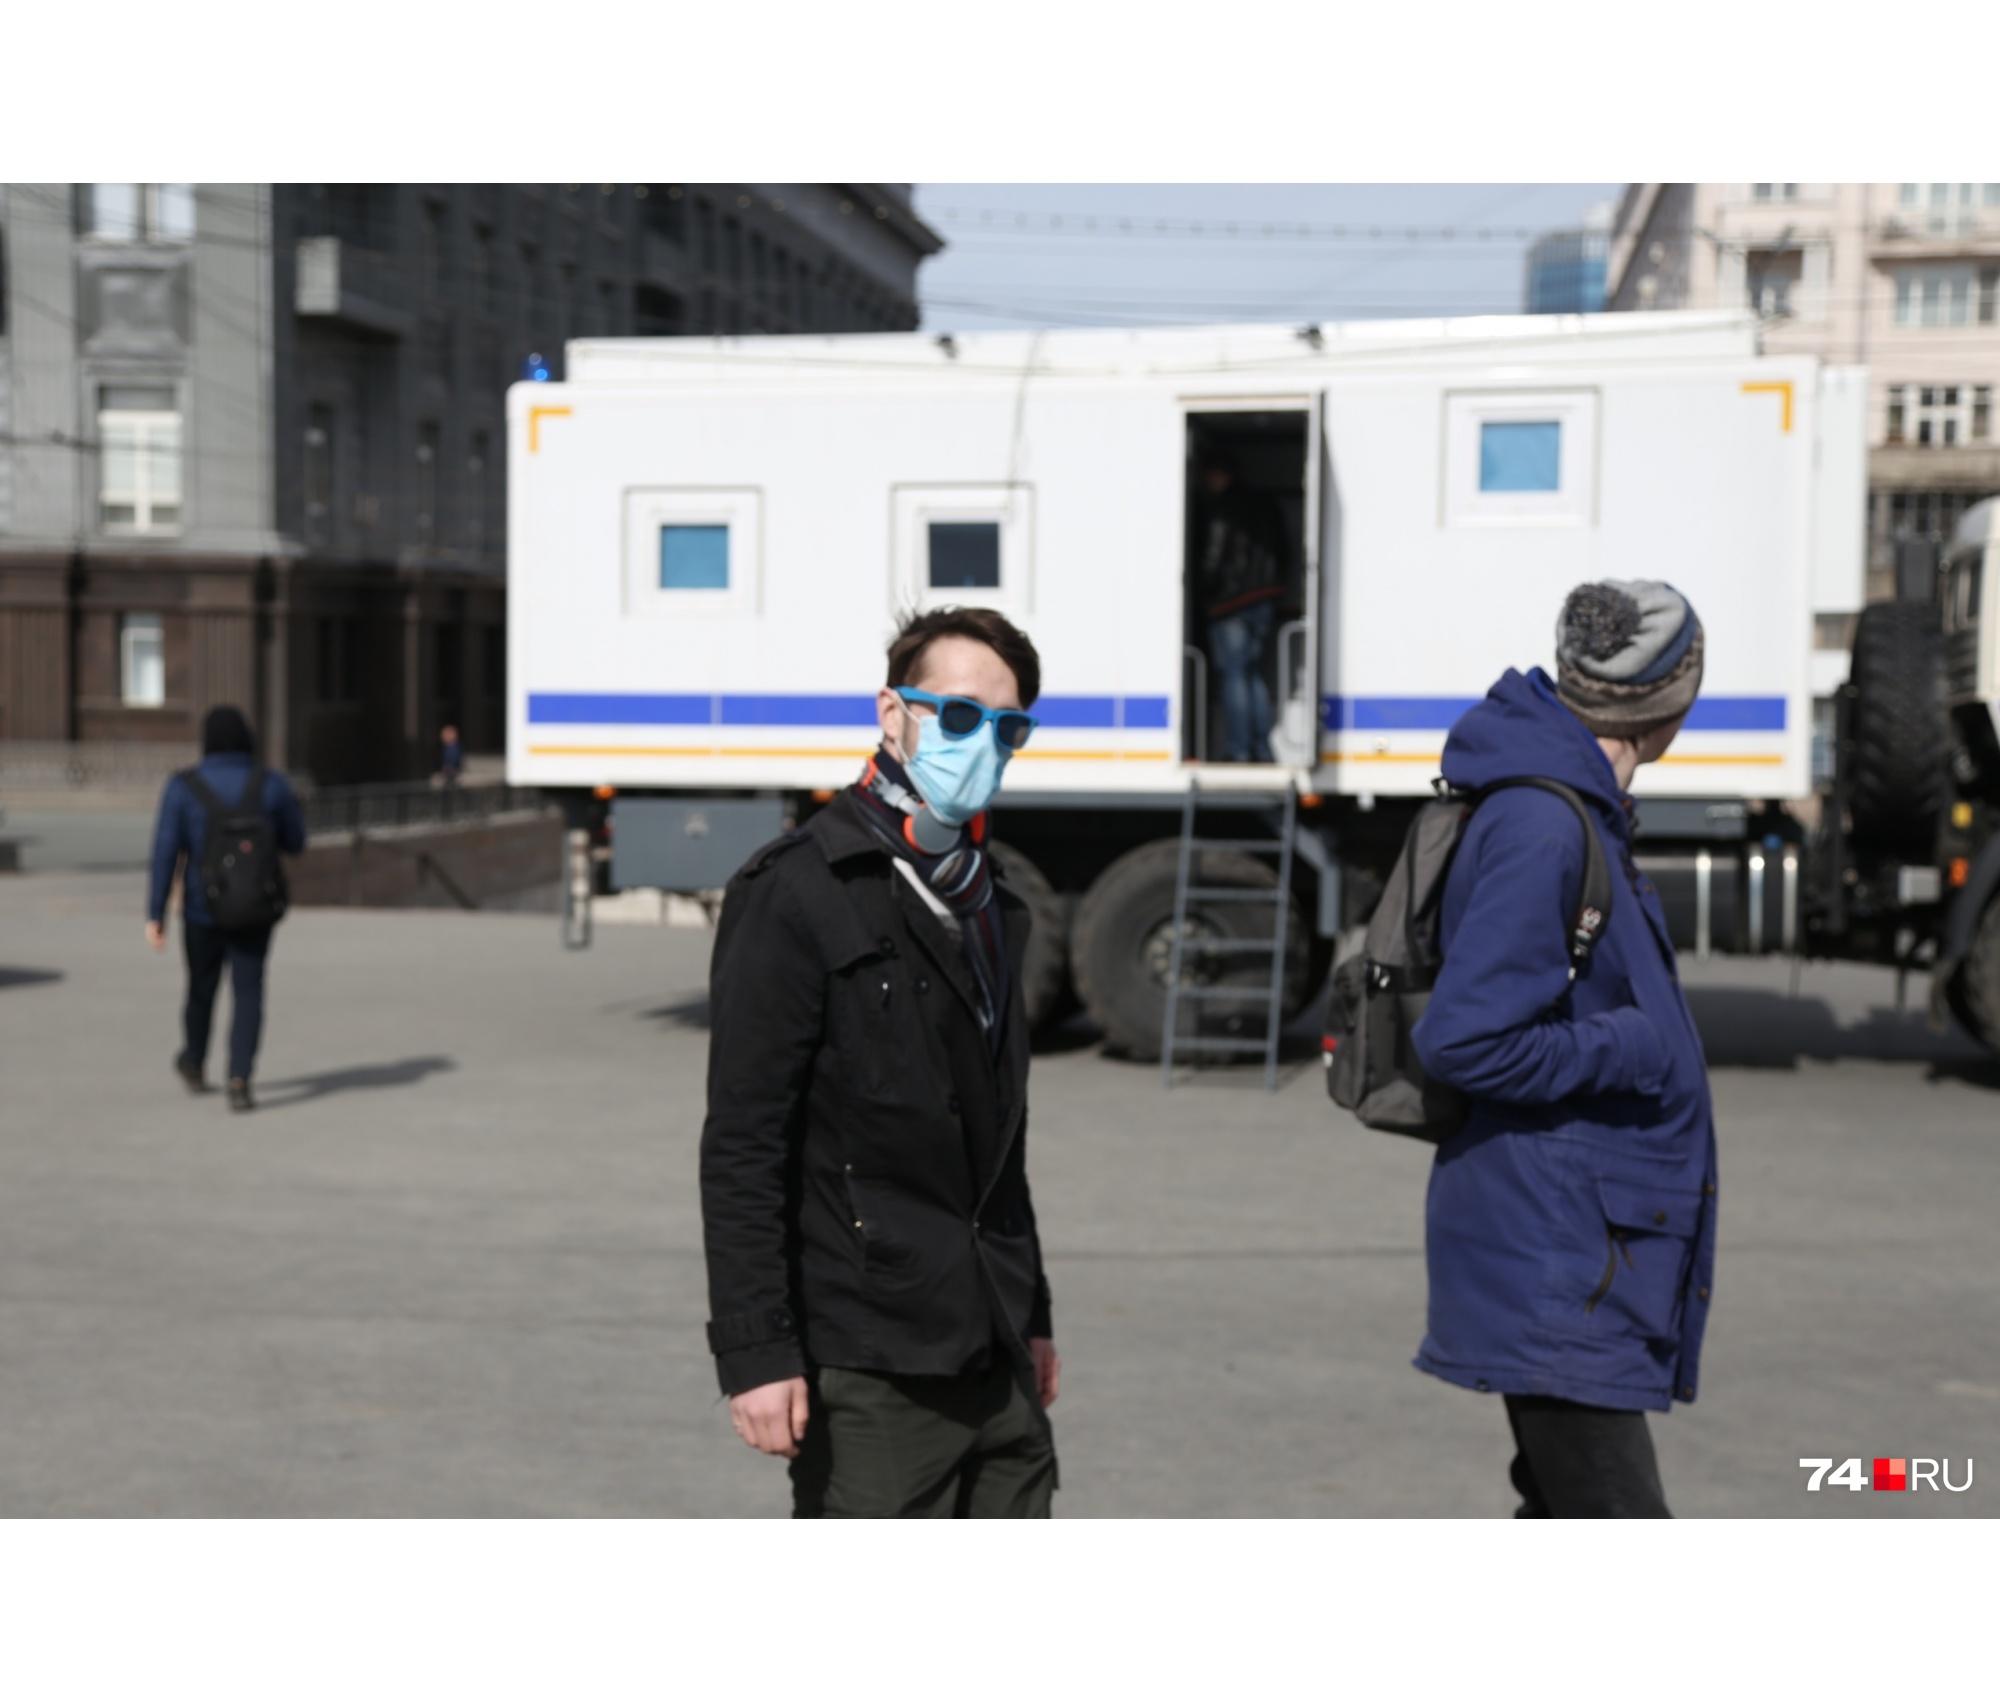 Во вторник днём на улицы Челябинска вывели машины с громкоговорителями, из которых жителей города просят оставаться дома